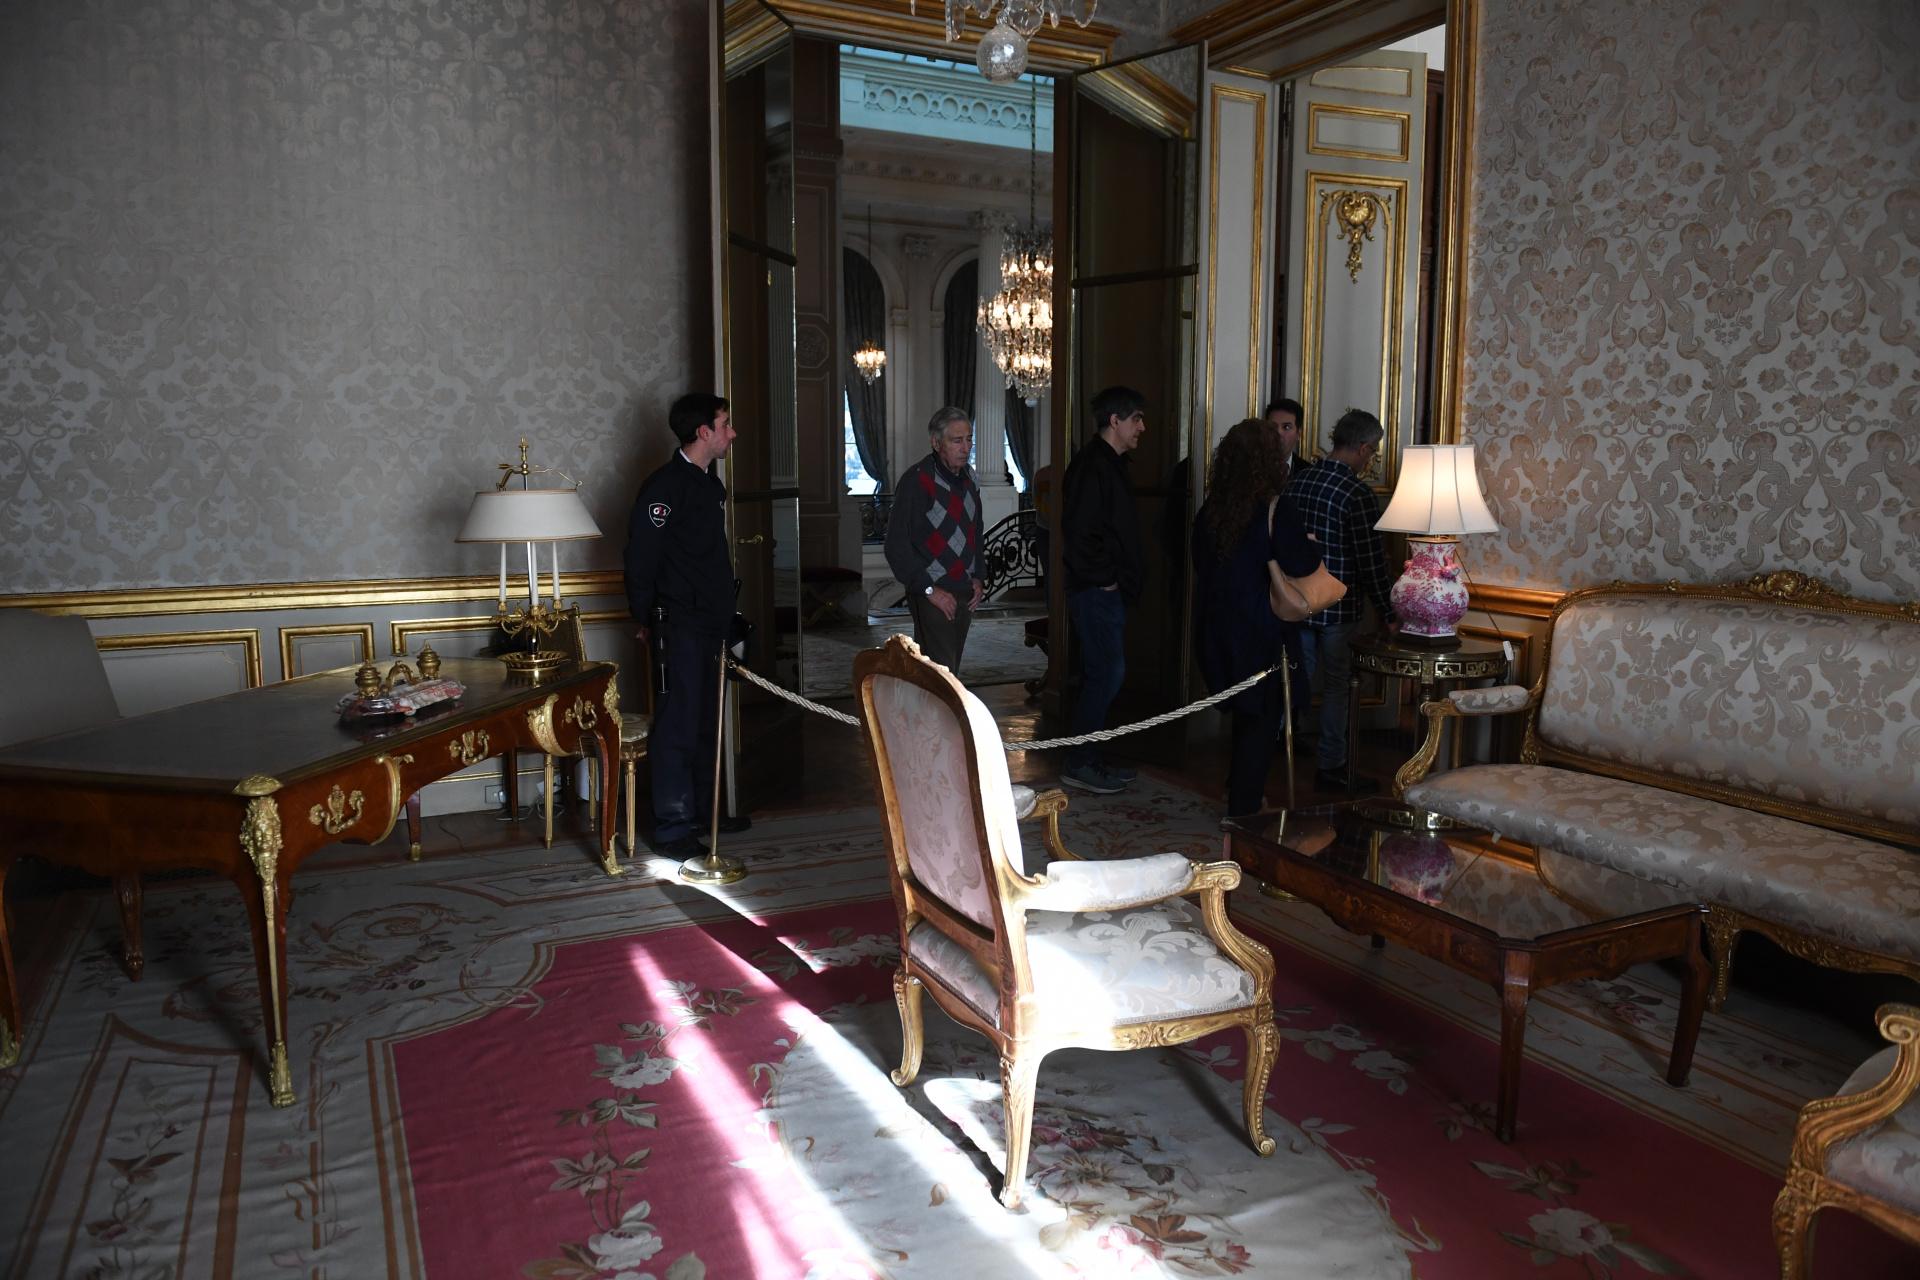 En la misma planta, los visitantes pudieron observar otro de los salones, donde funcionó el escritorio de Ernesto Bosch. No sólo mantiene la estética original sino que además se conserva su mobiliario con más de 100 años de historia